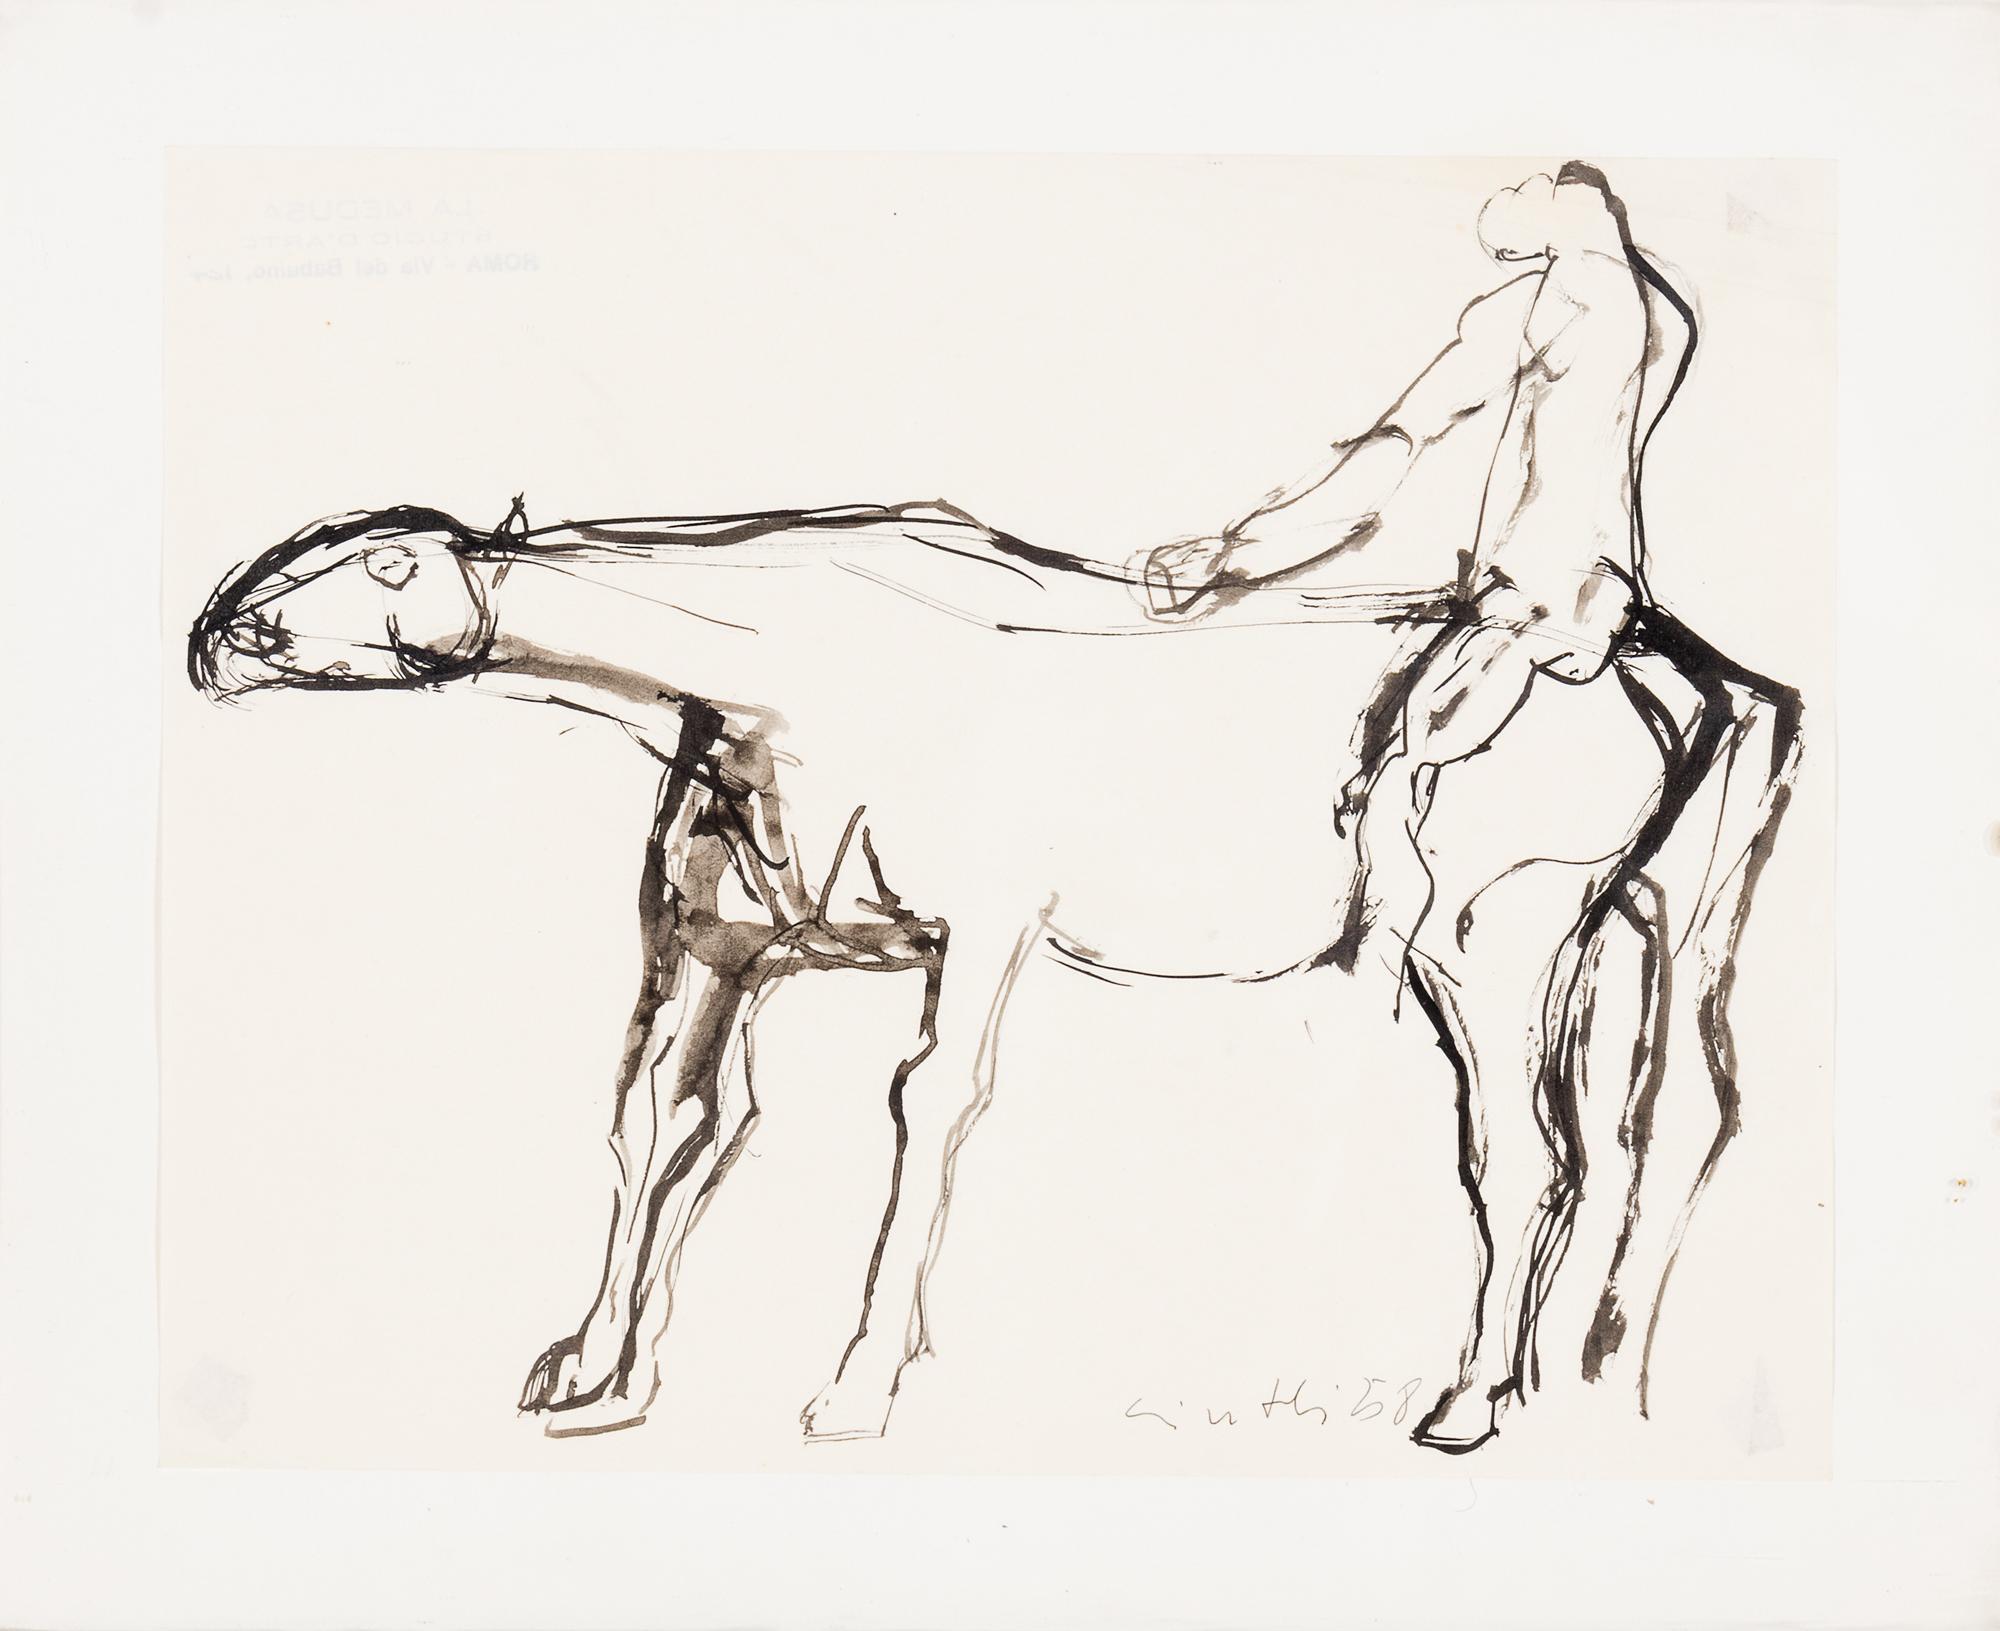 Cavallo e cavaliere, 1958